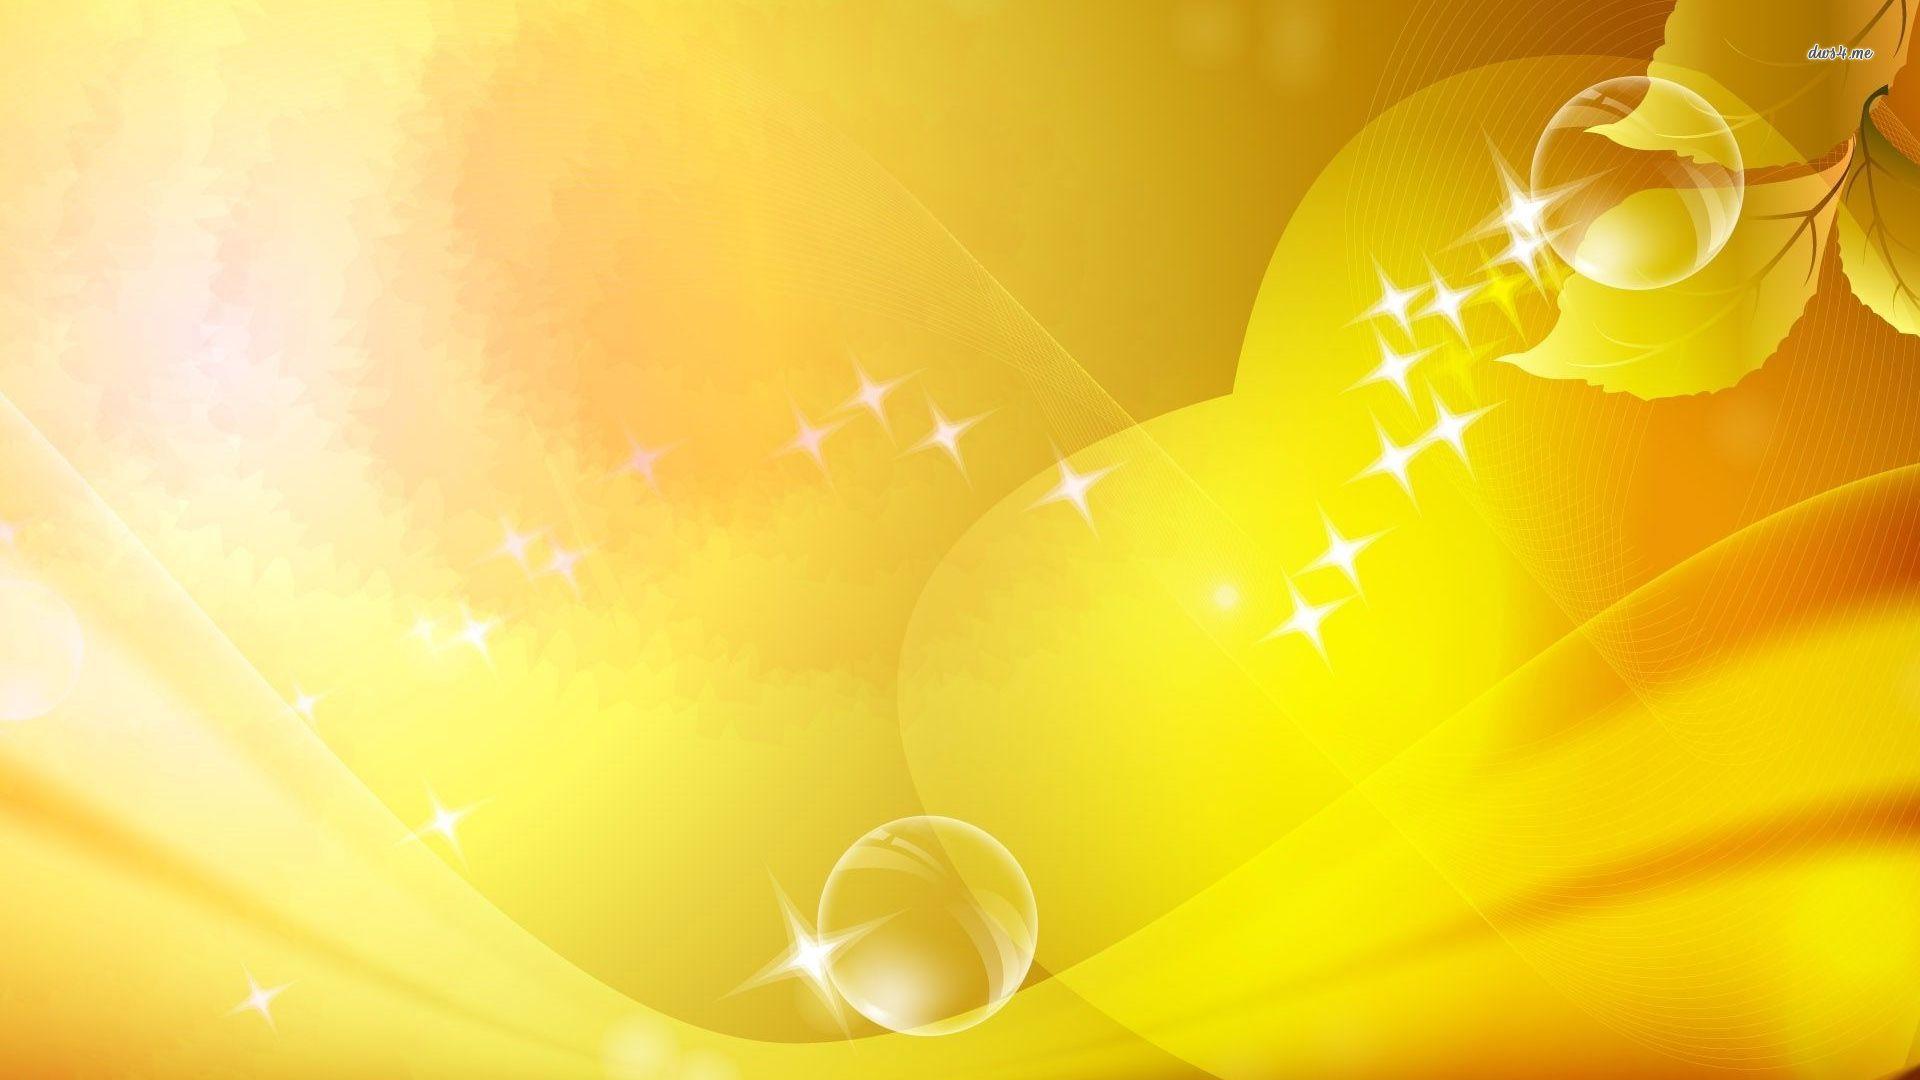 желтый фон в полоску и горошек  Рамблеркартинки  фоны